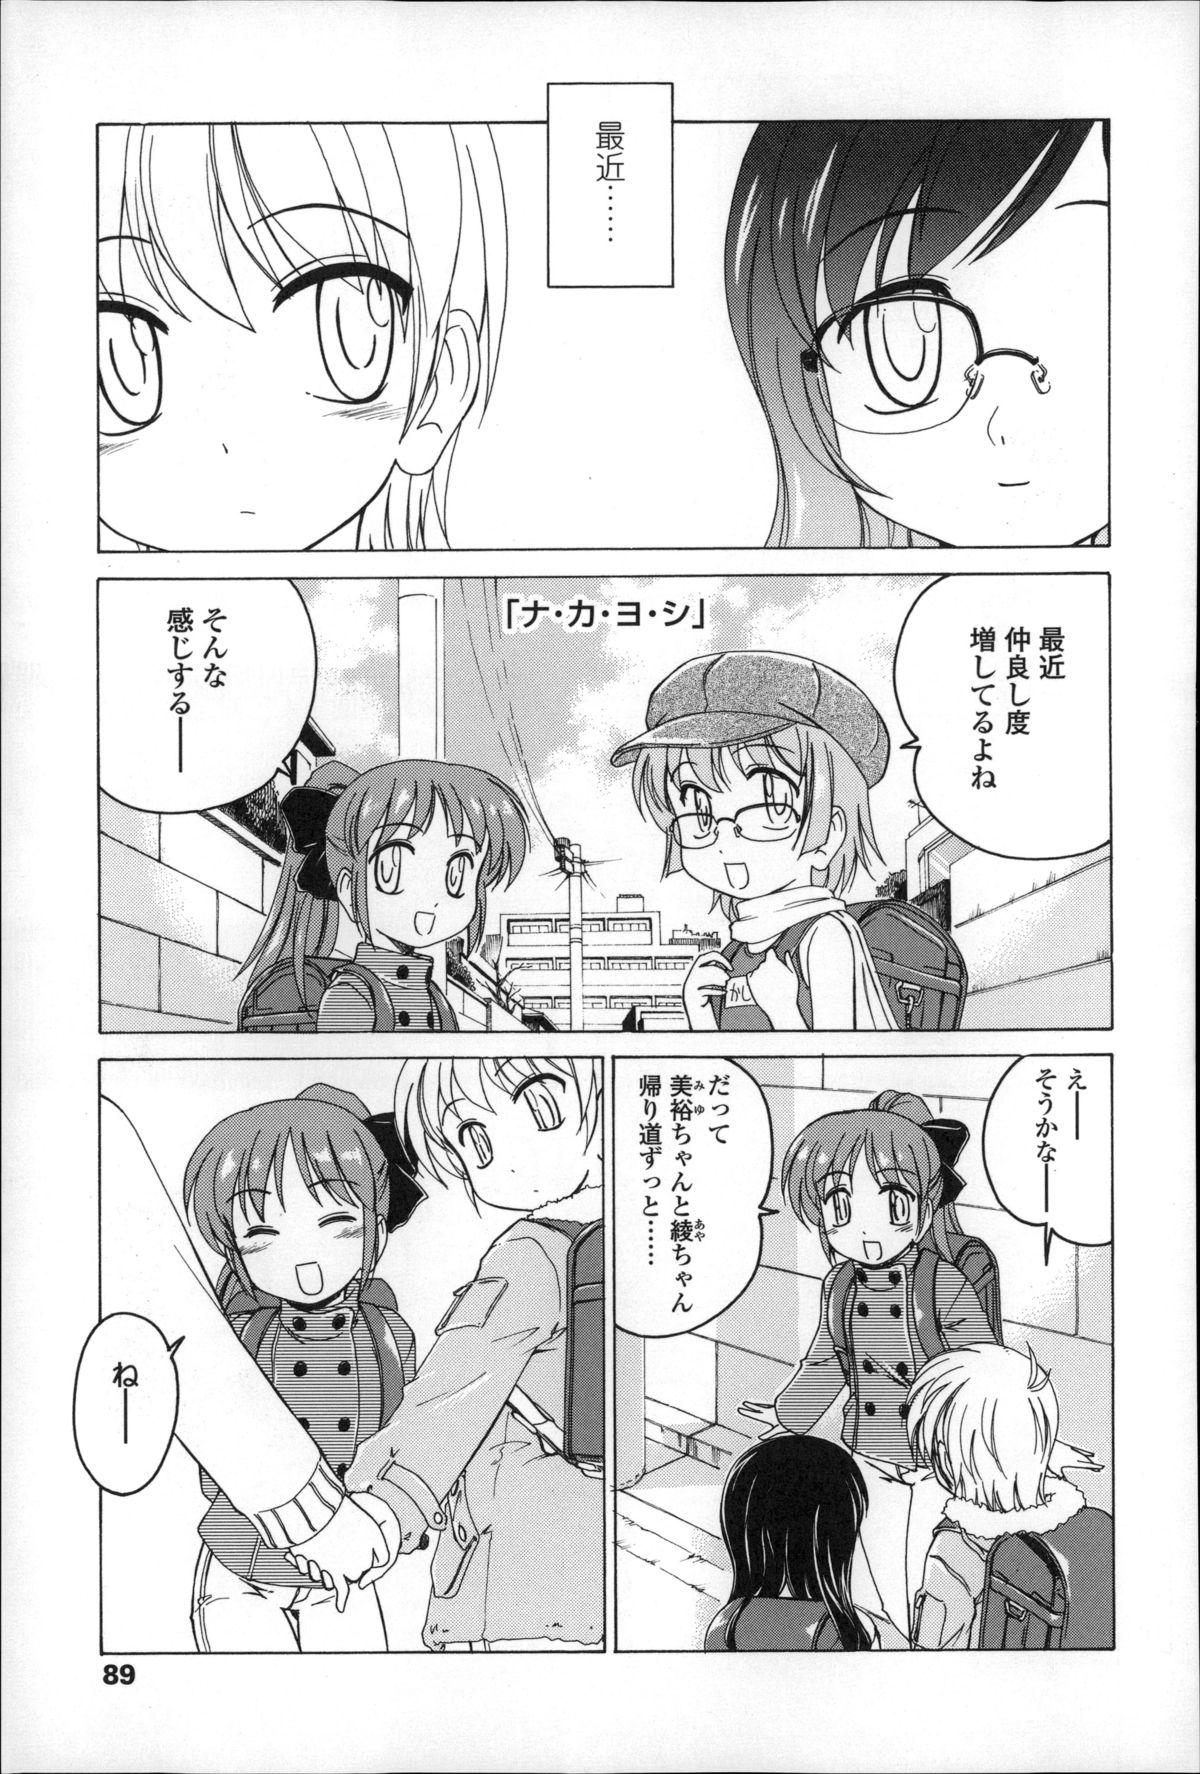 Youshou no Hana no Himitsu - The secret of Girls flowers 92